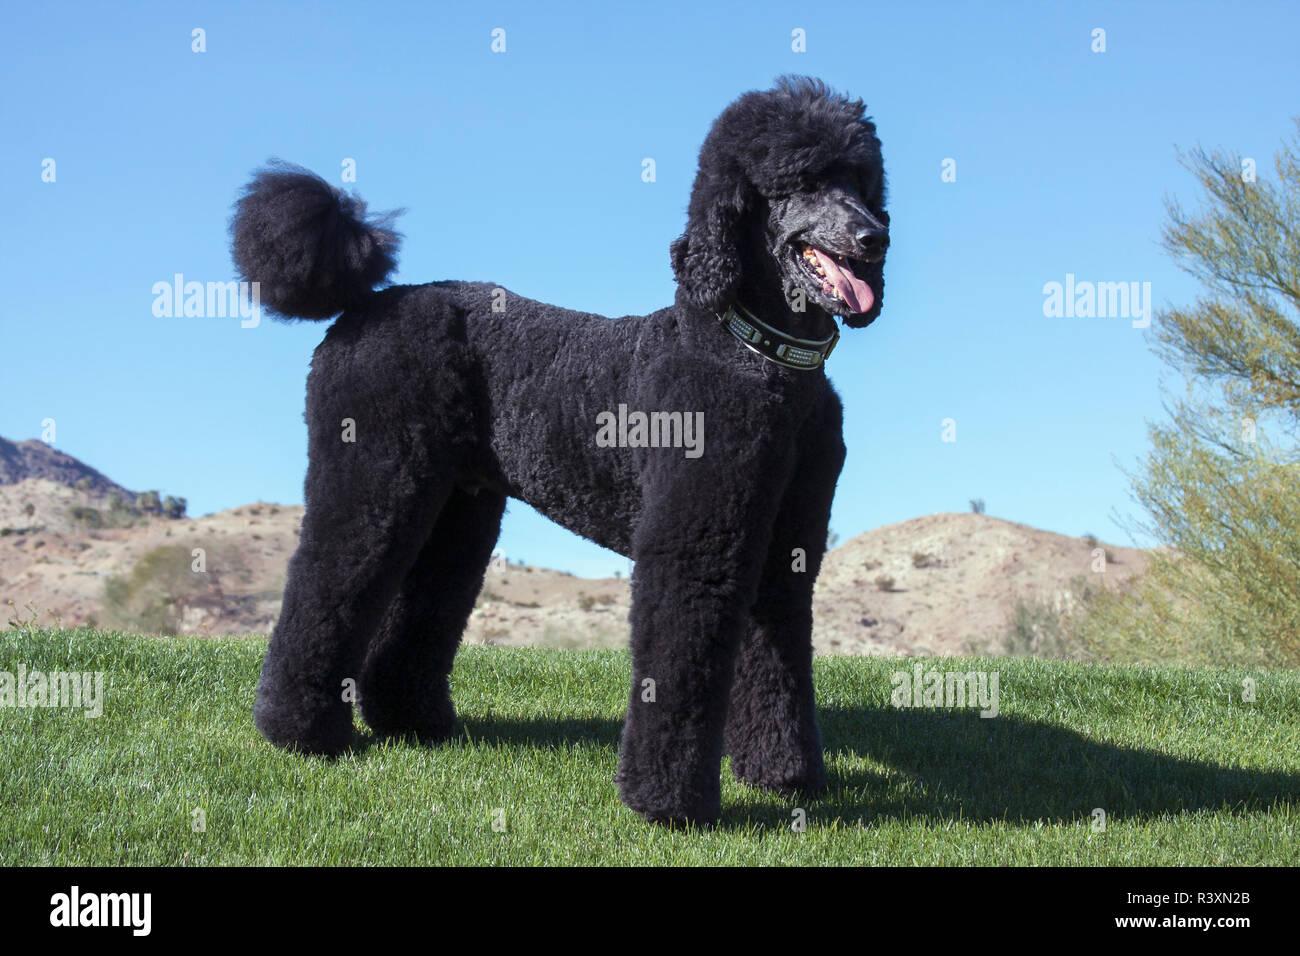 Black Standard Poodle Stock Photos & Black Standard Poodle